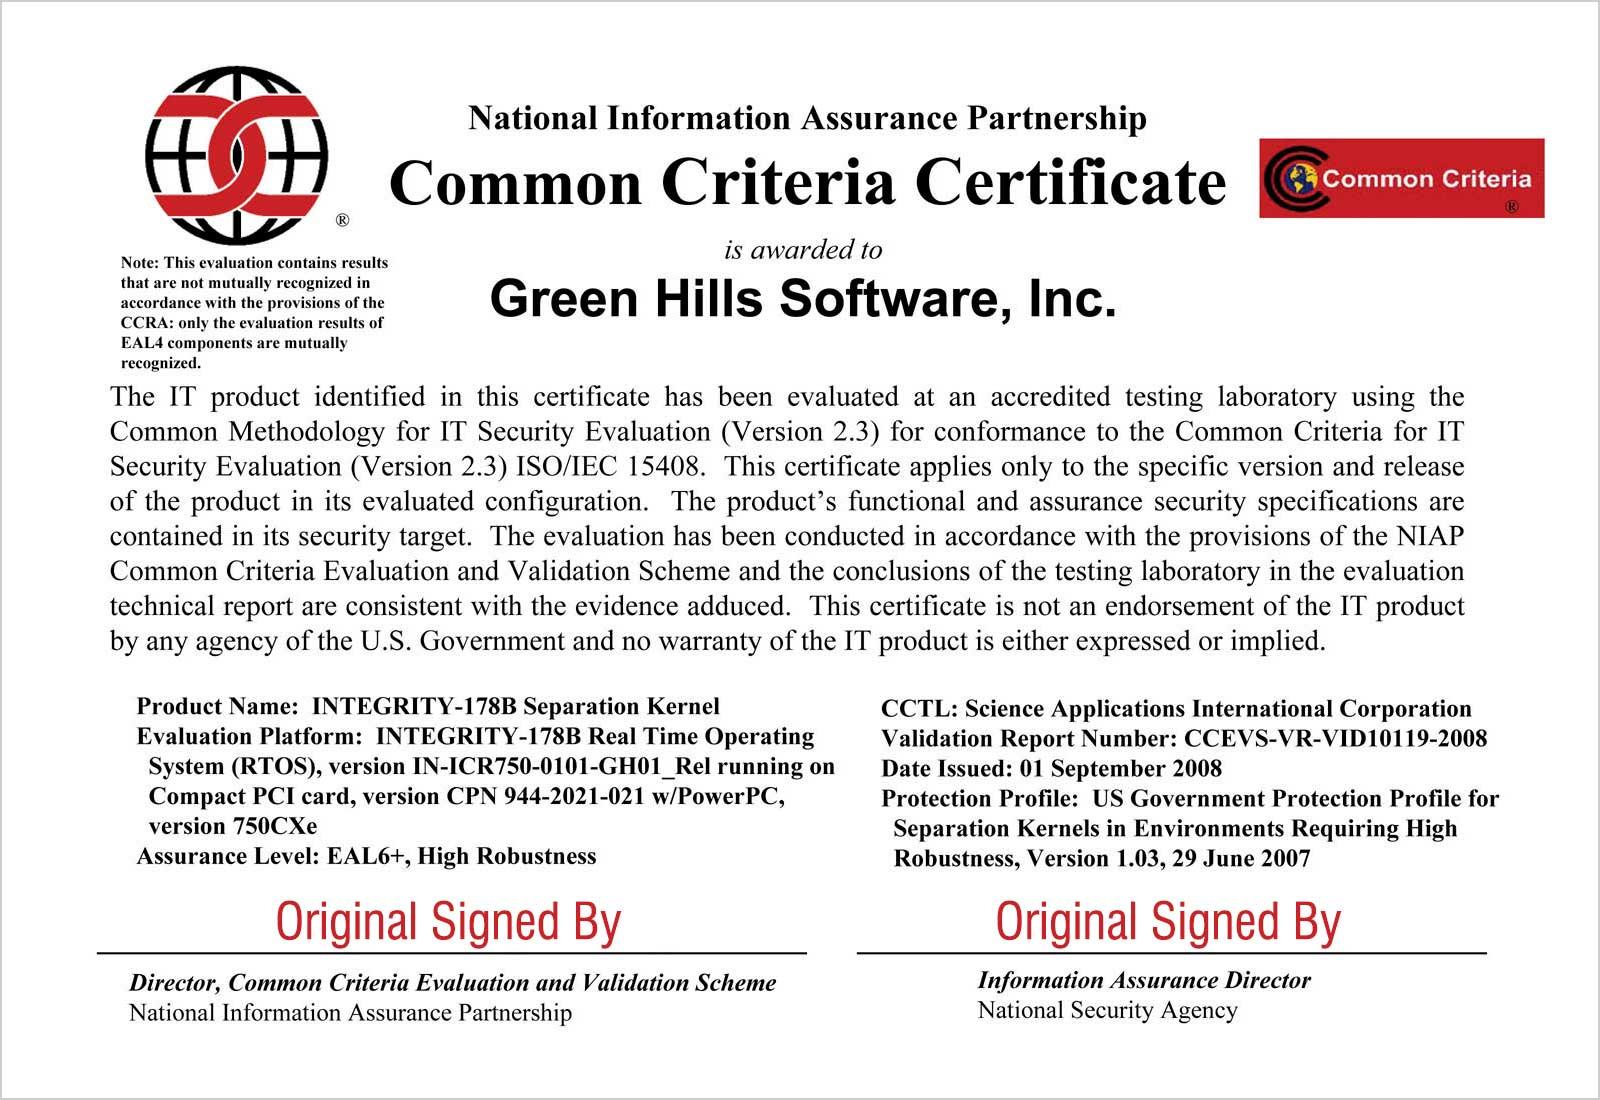 Common Criteria Certificate